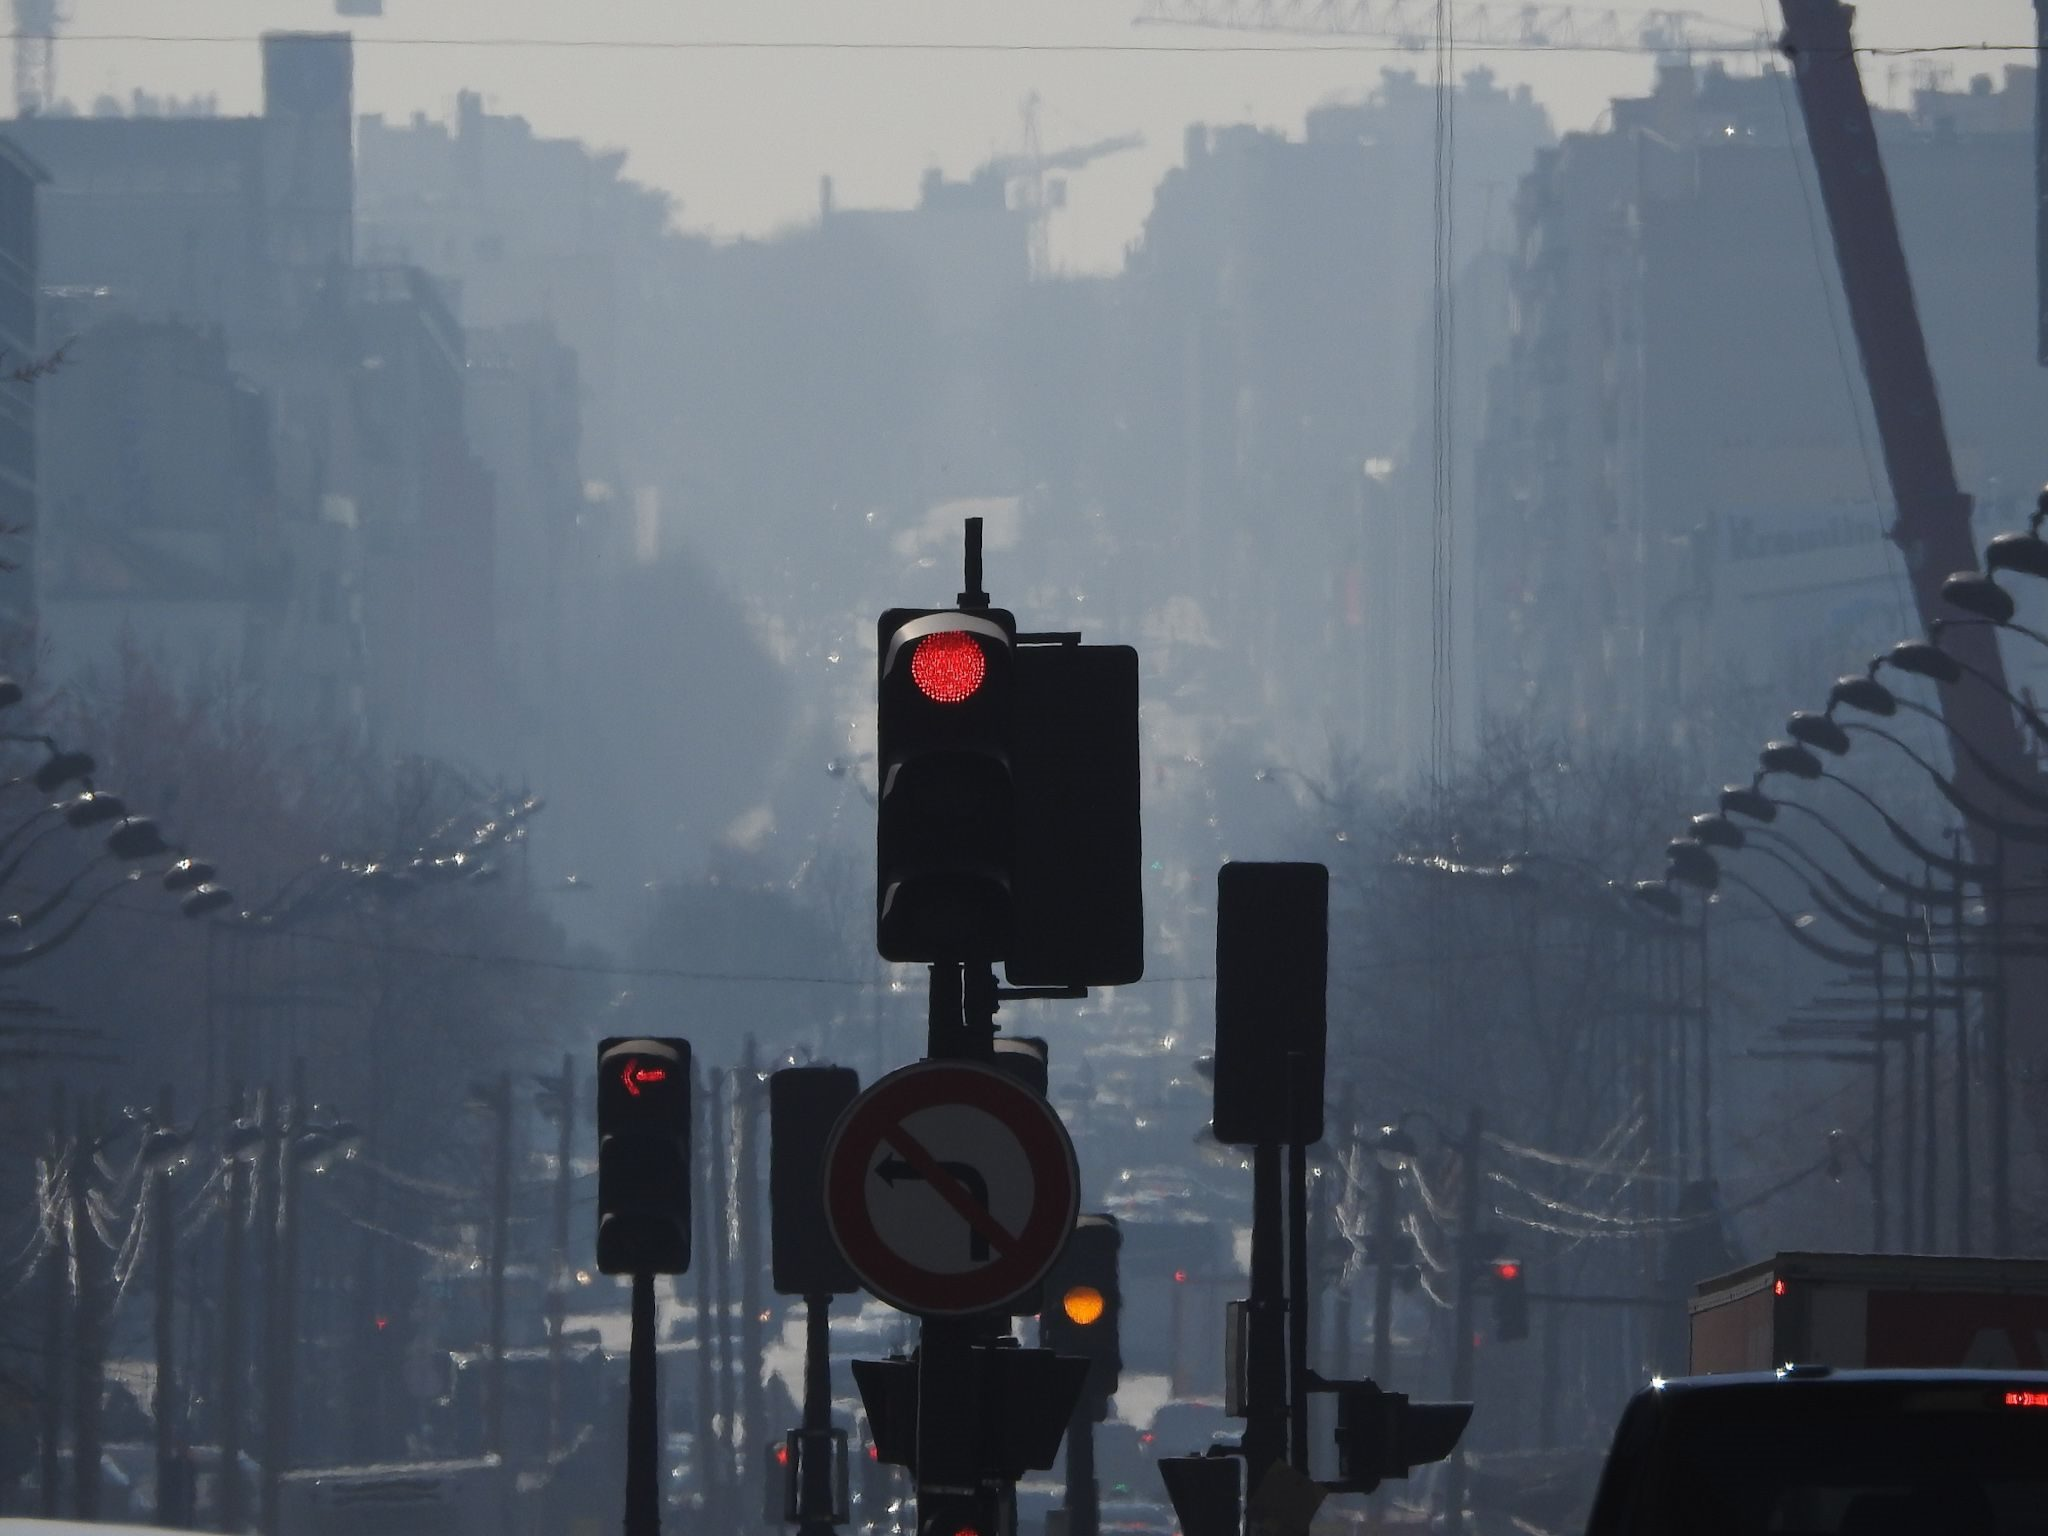 Les vagues de chaleur et la pollution provoquent plus de morts en Europe que partout ailleurs sur Terre